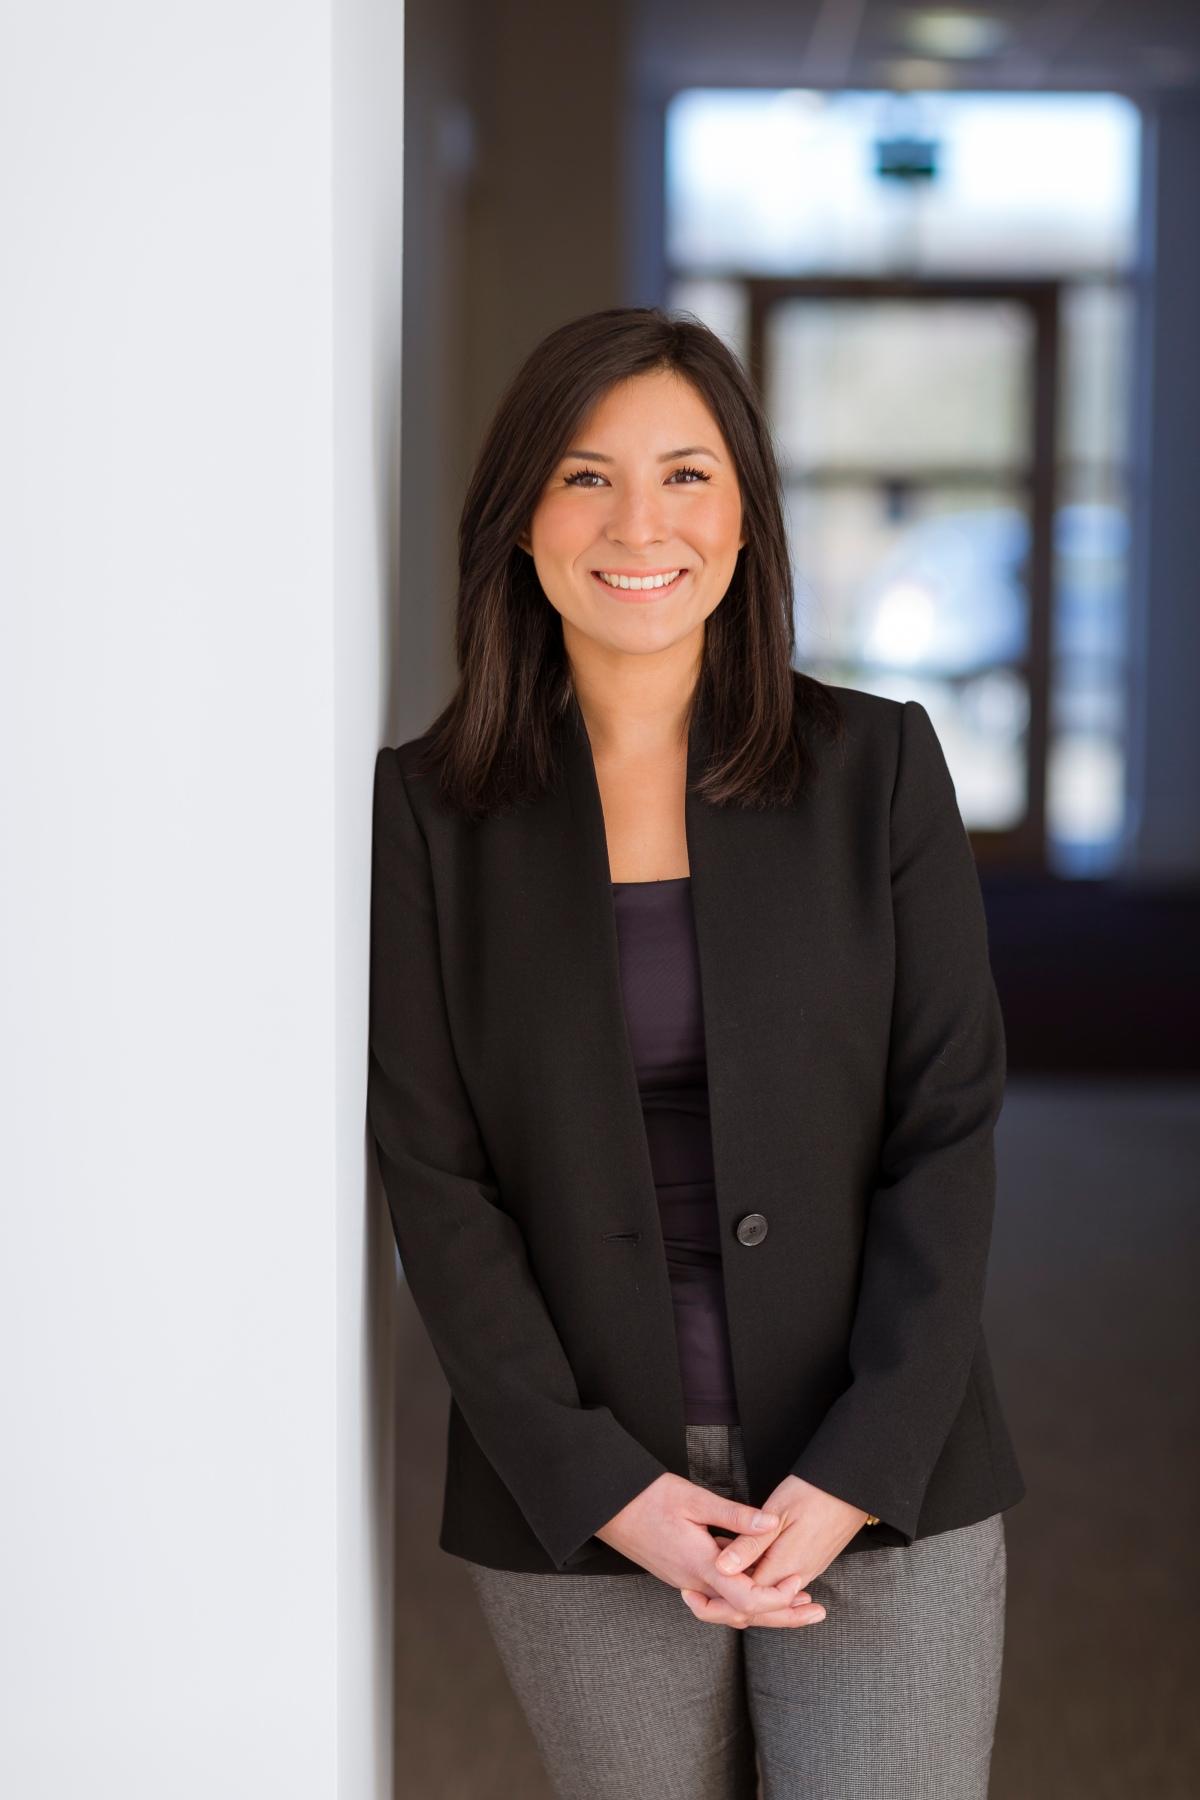 sonia-tse-employment-law-adviser